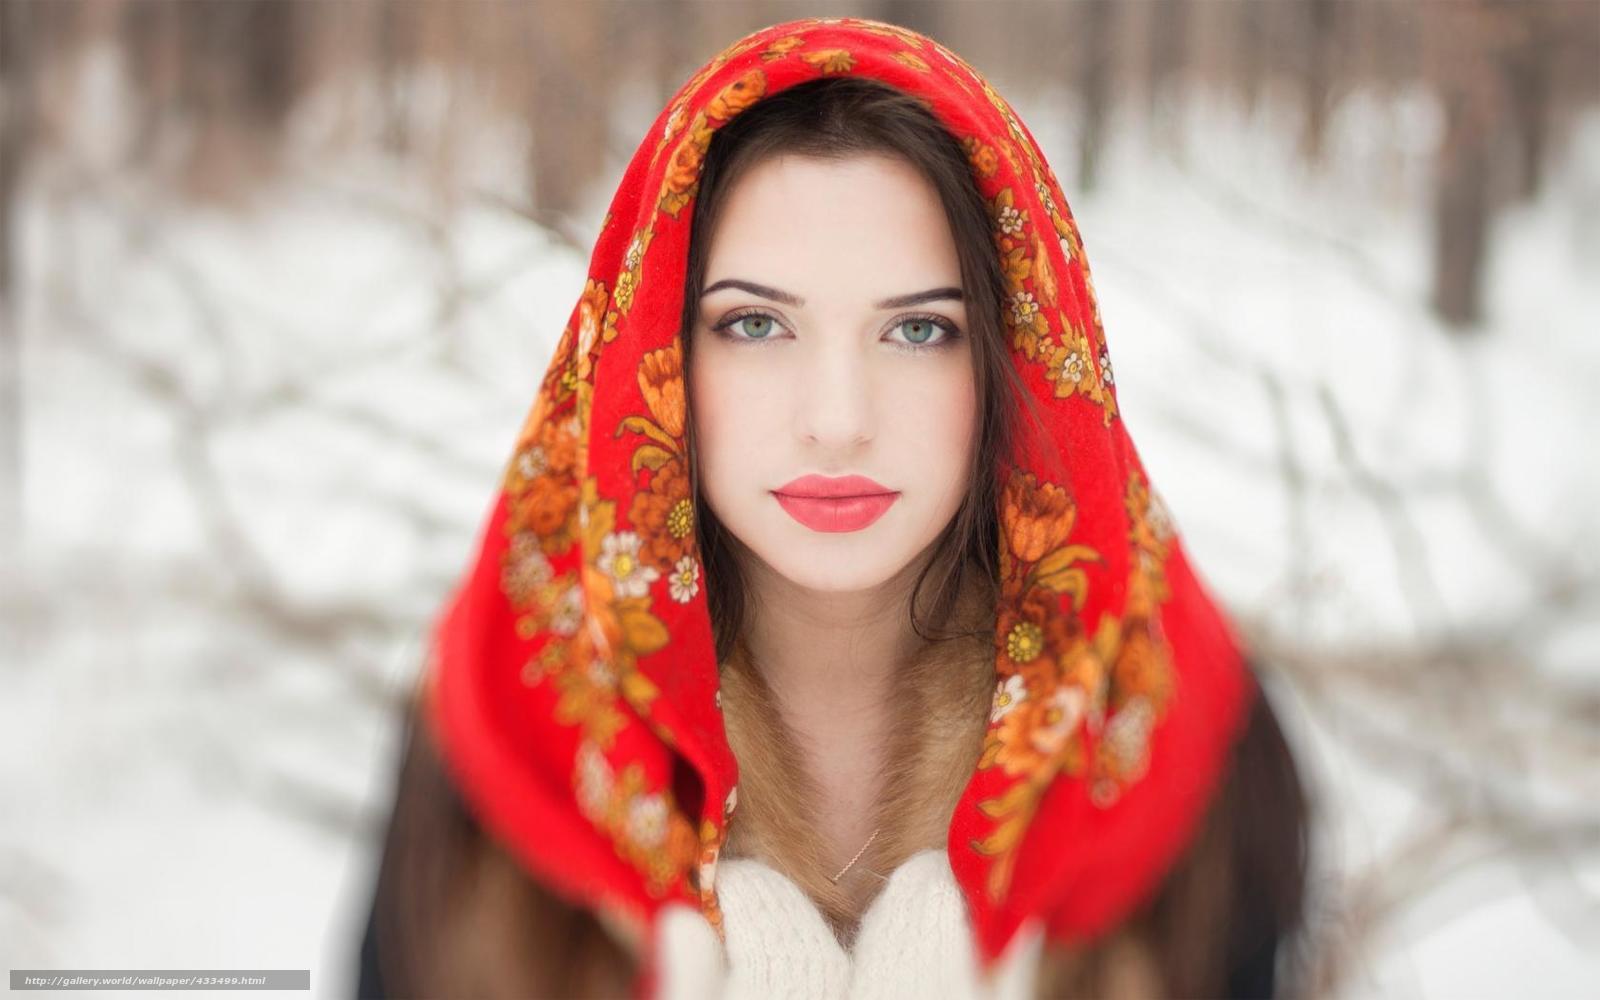 Фотографии русских девушек 10 фотография